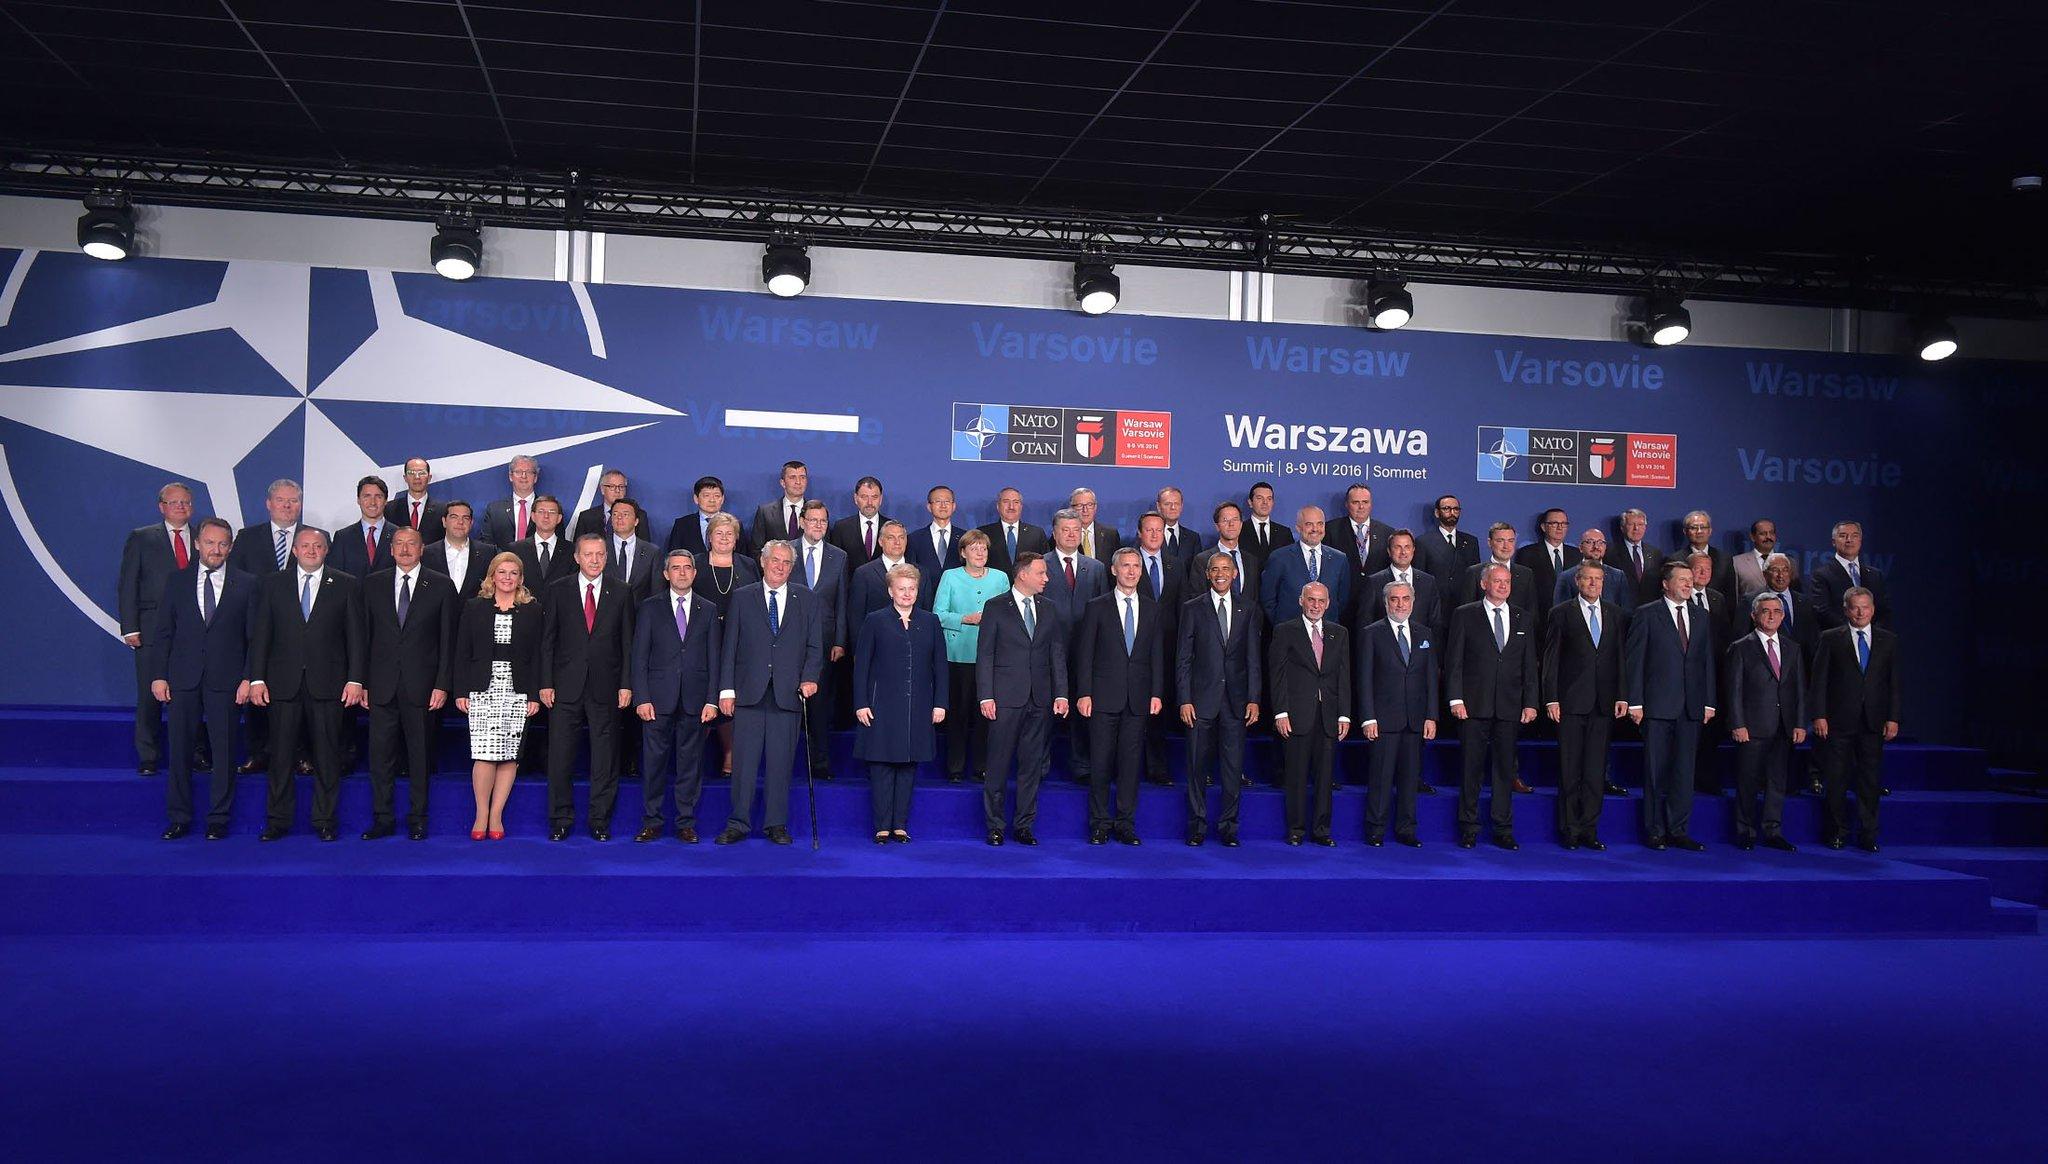 Thumbnail for En route pour le #SommetOTAN #Varsovie 2016 - Réunion des ministres des Affaires étrangères #OTAN #Alliés